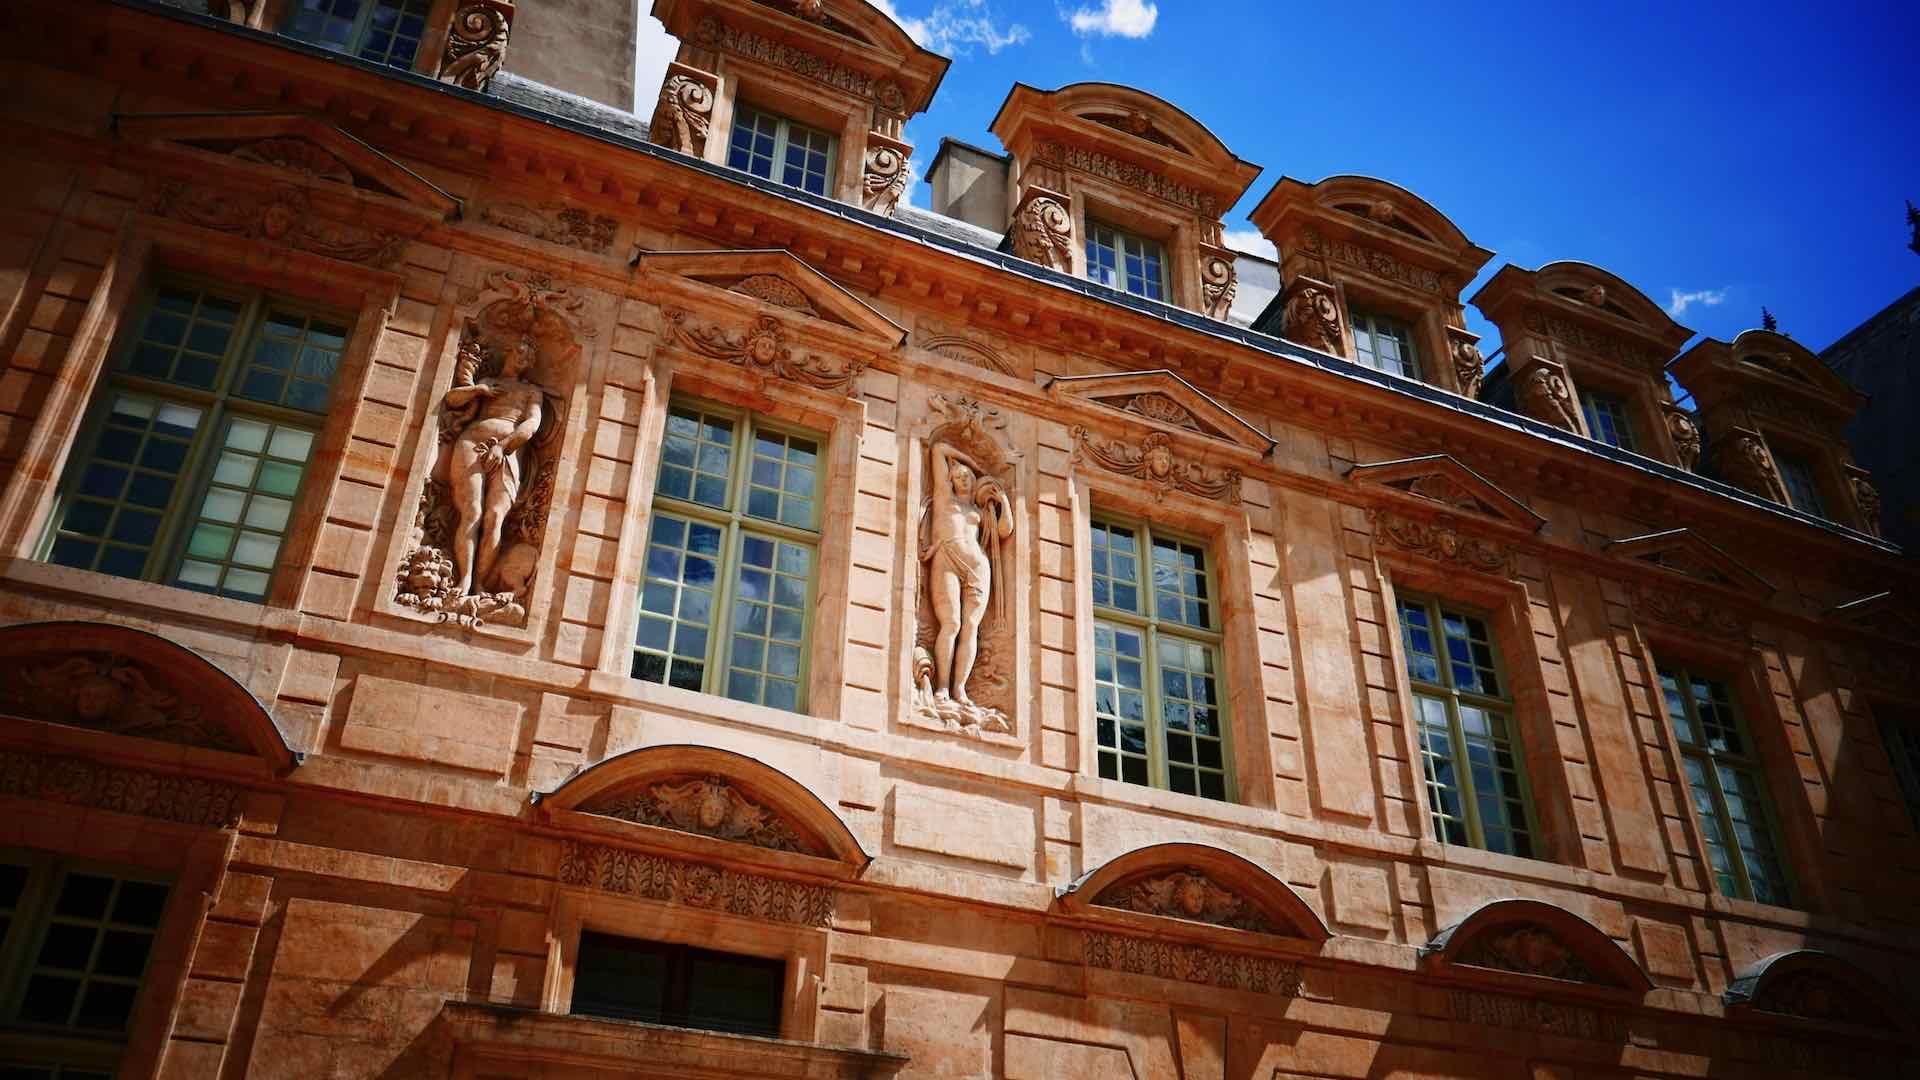 hotel de sully garden